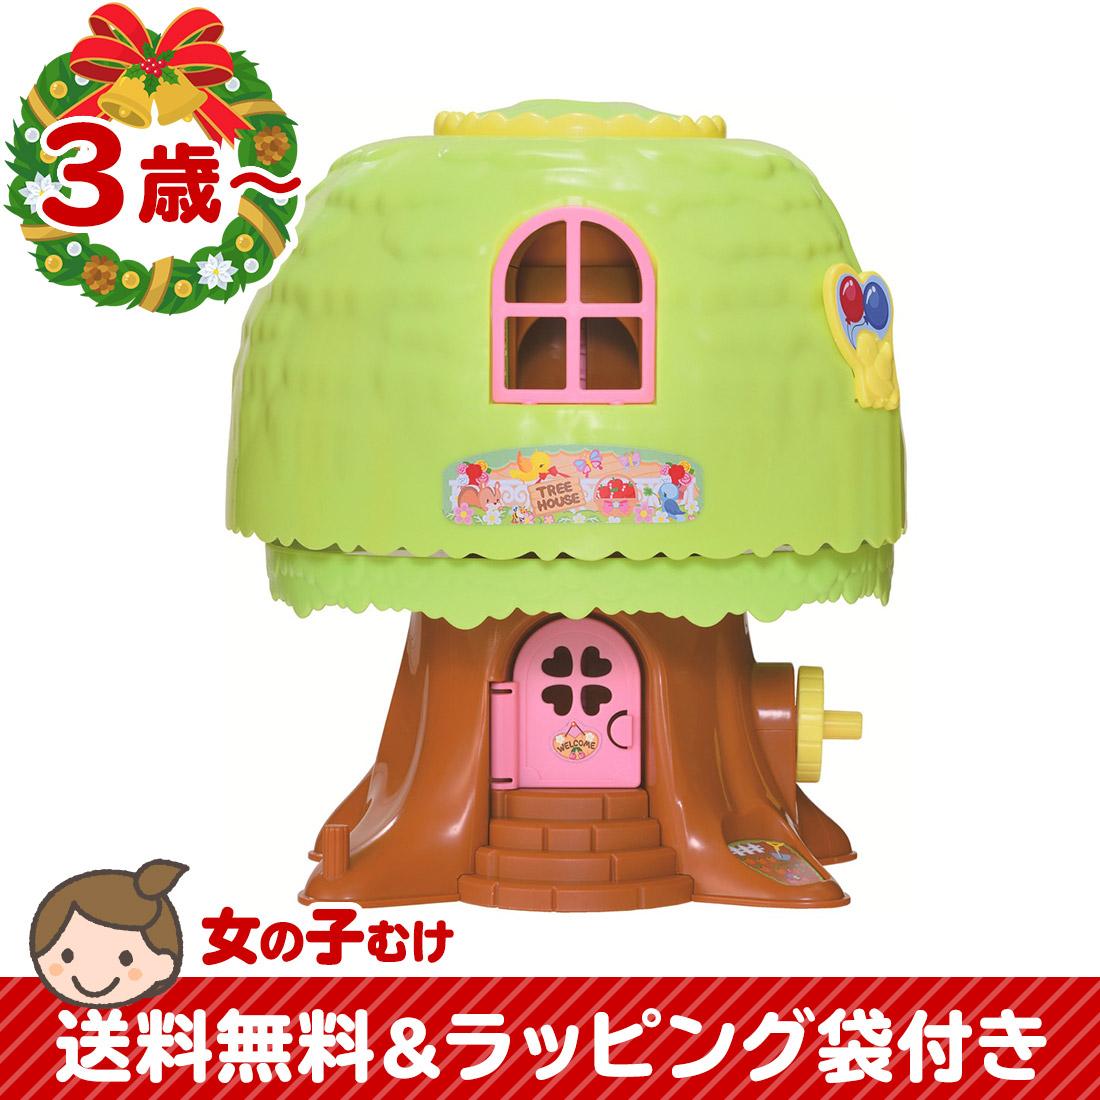 ☆クリスマスセット こえだちゃんの木のおうち|タカラトミーモール楽天市場店